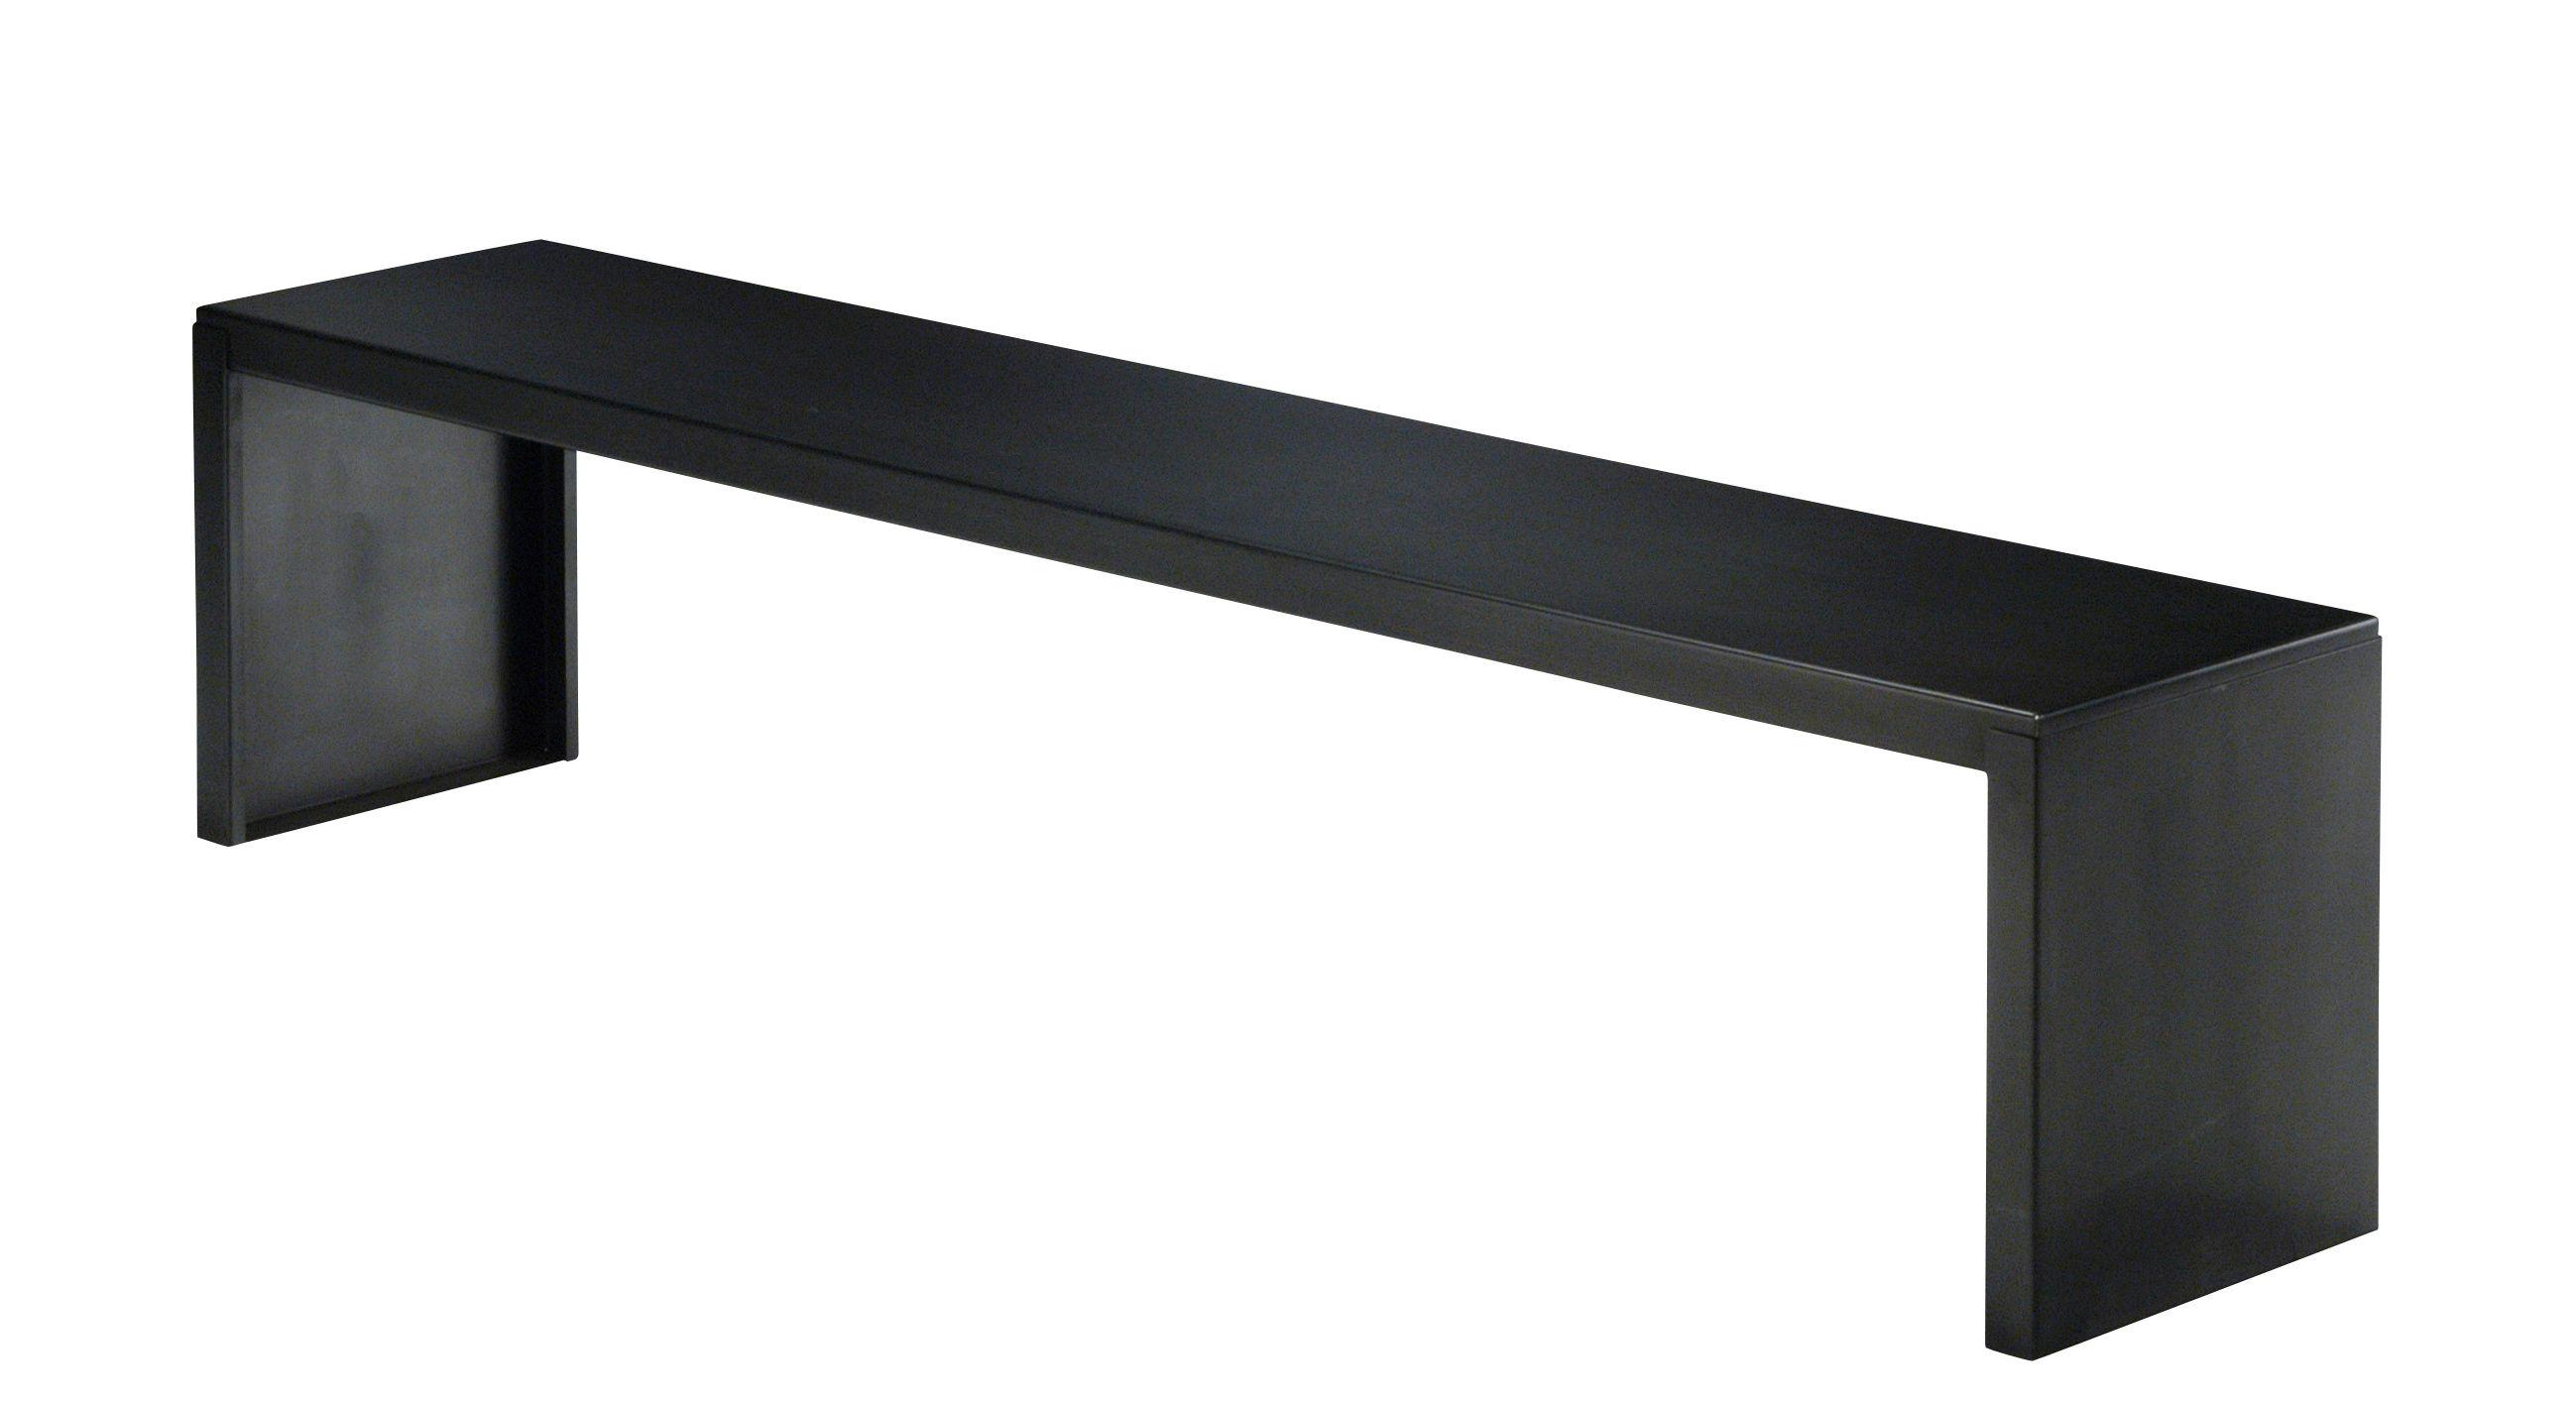 Mobilier - Bancs - Banc Big Irony / L 170 cm - Métal - Zeus - L 170 cm / Noir - Acier phosphaté